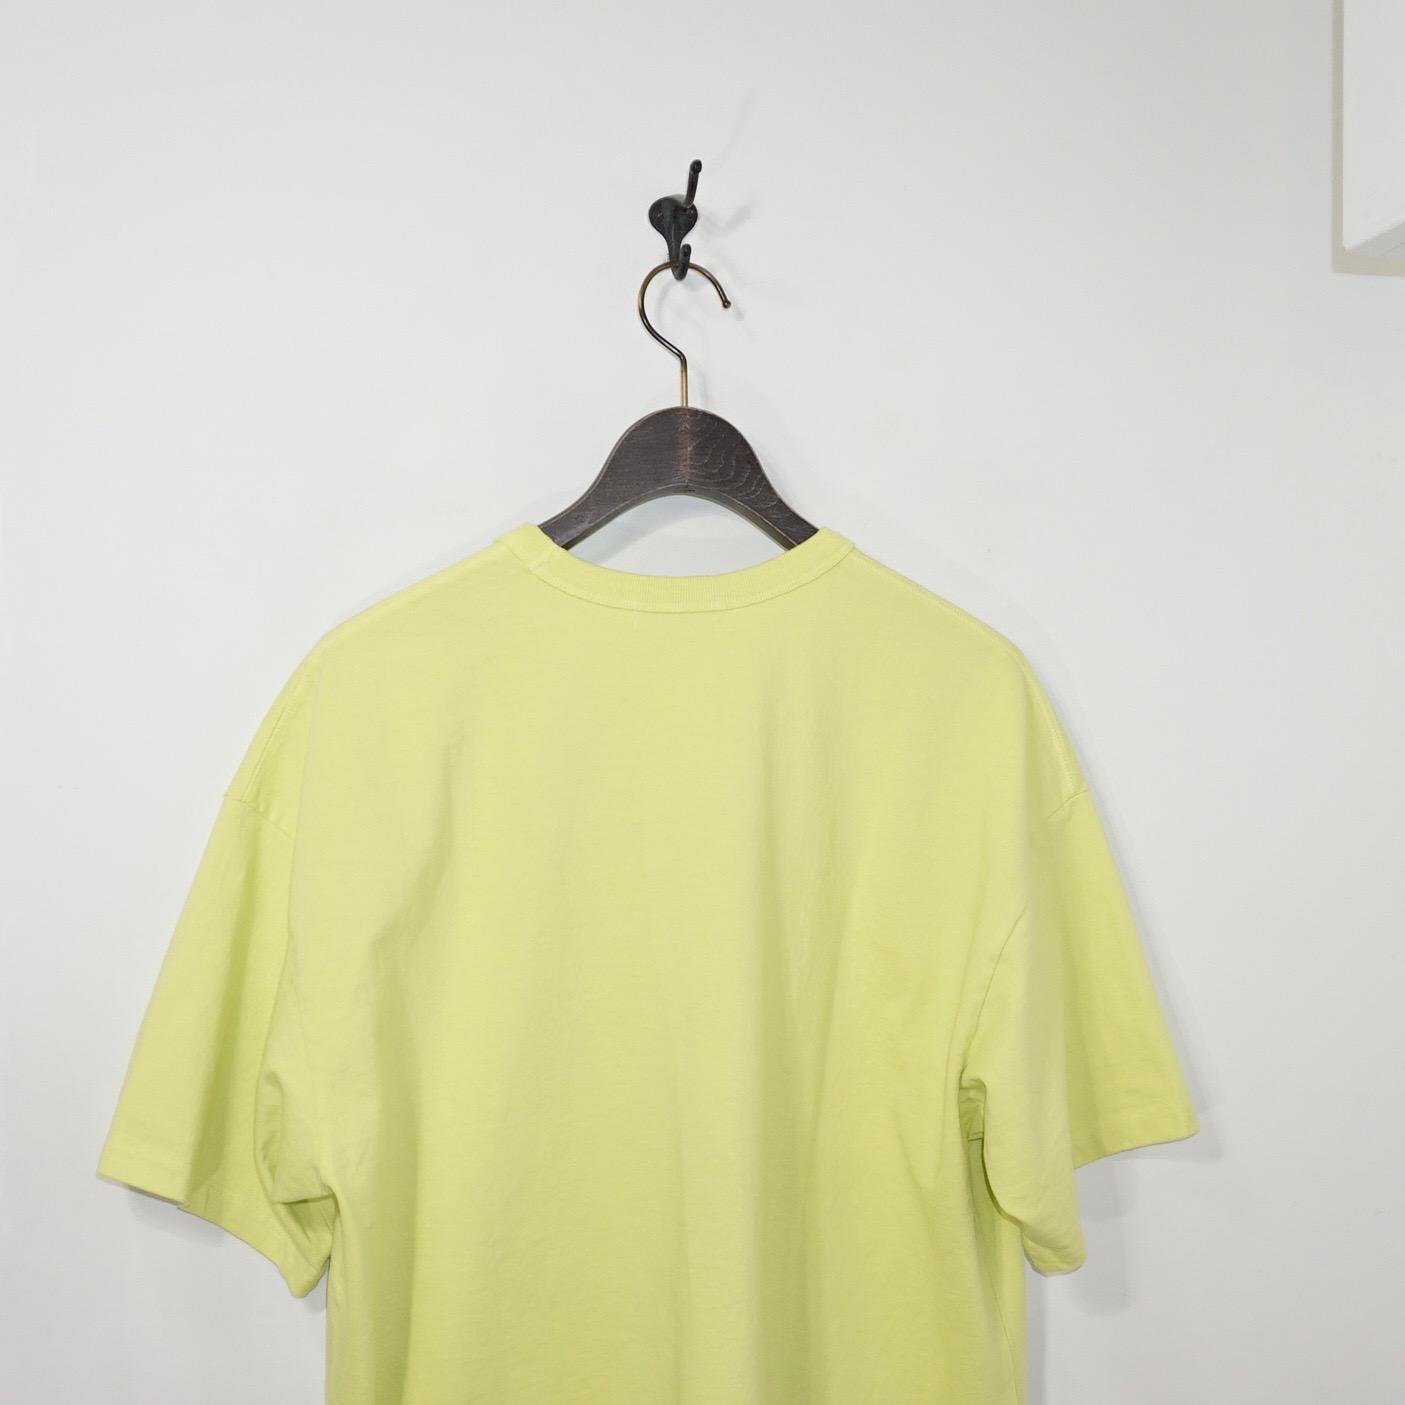 tone(トーン)   3 STICHES TEE(3ステッチTシャツ)- YELLOW